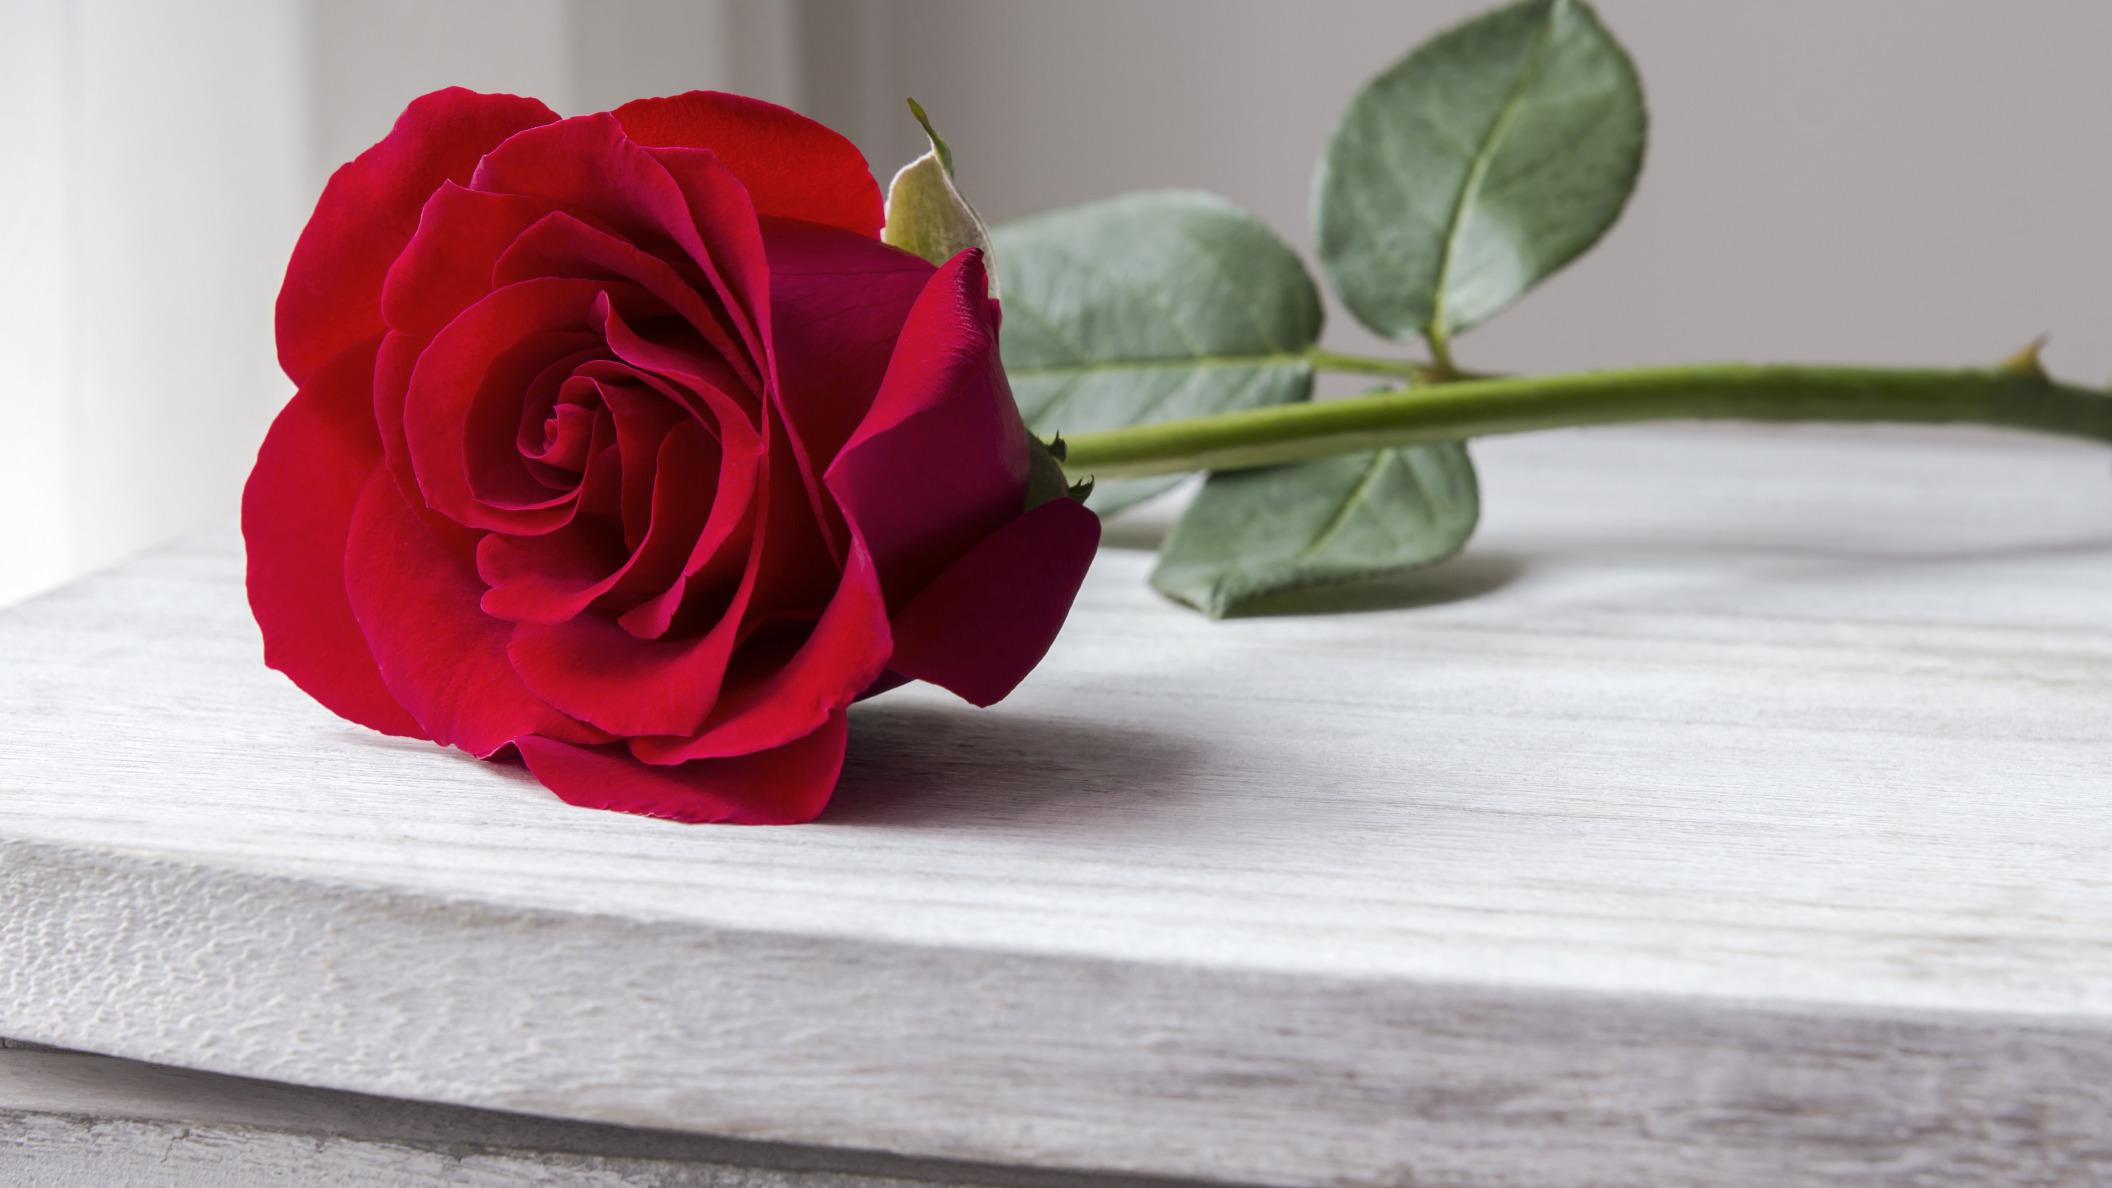 Самые красивые картинки роз на столе